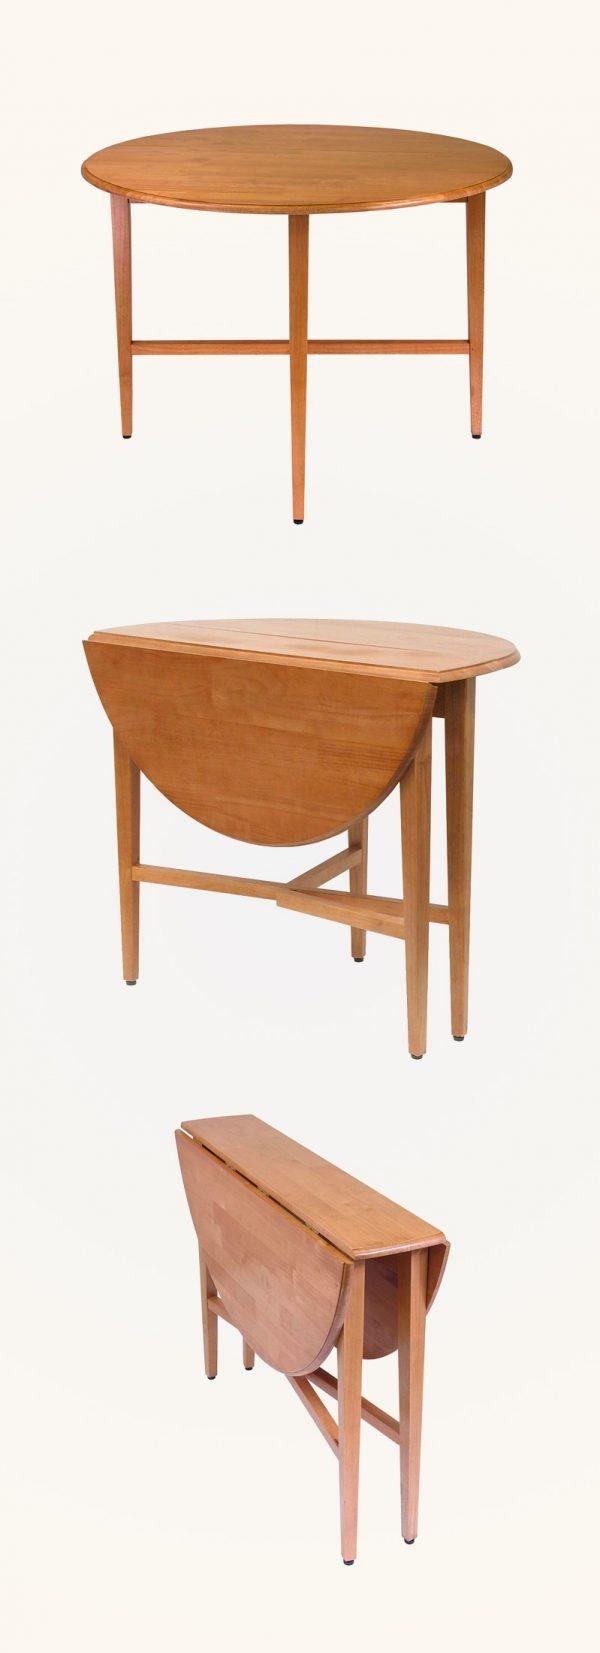 Giới thiệu 15+ mẫu bàn ăn tròn bằng gỗ đang được săn đón-15